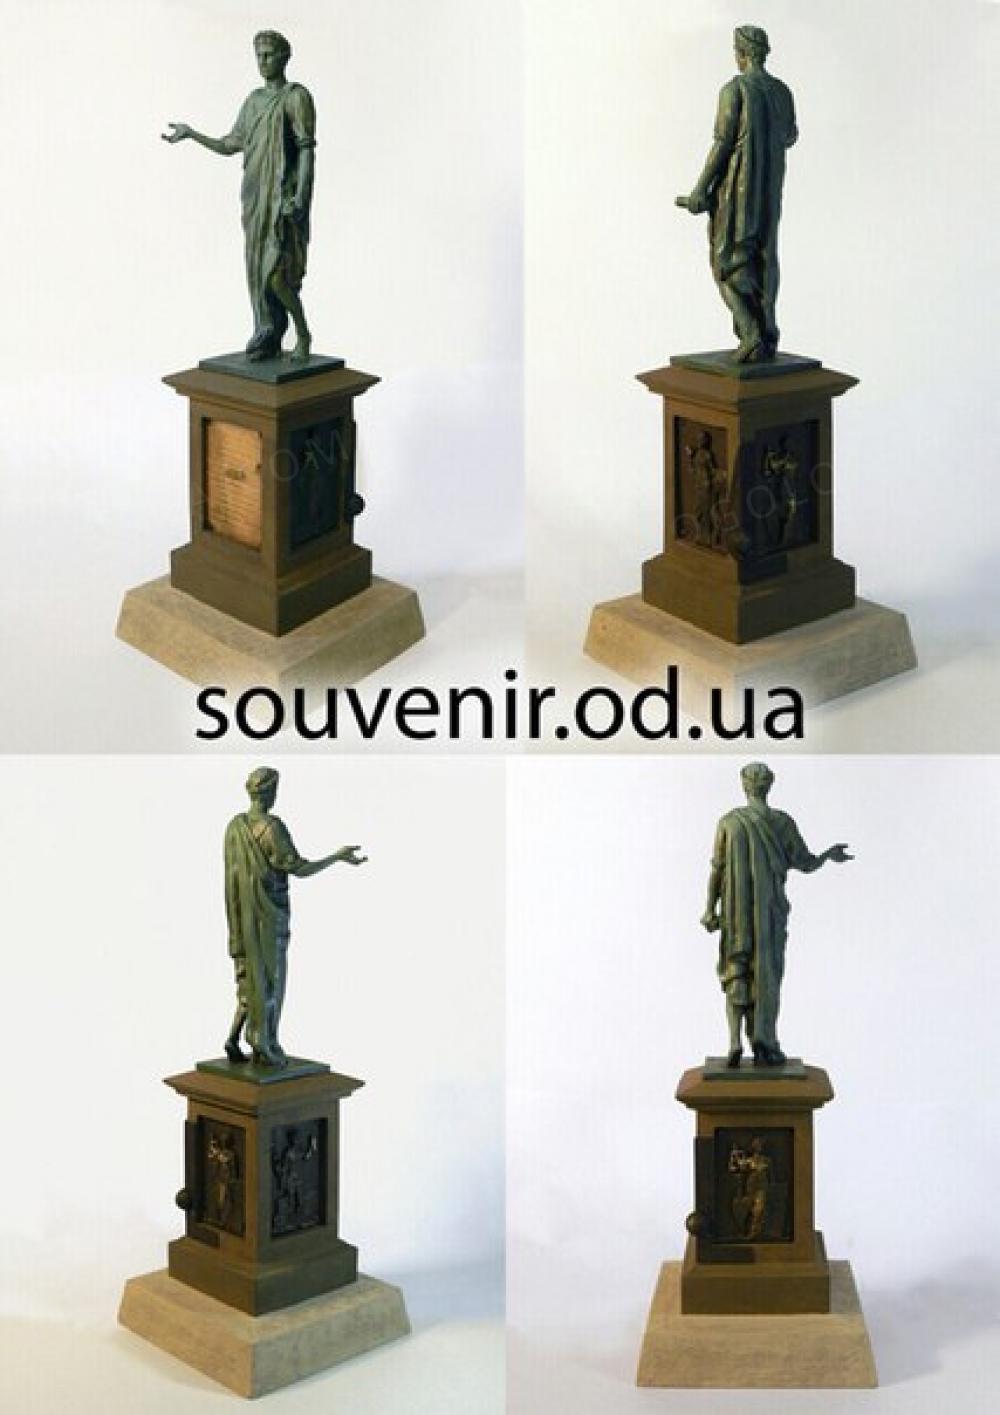 Сувенир Статуэтка Дюк де Решелье Подарок Одесса